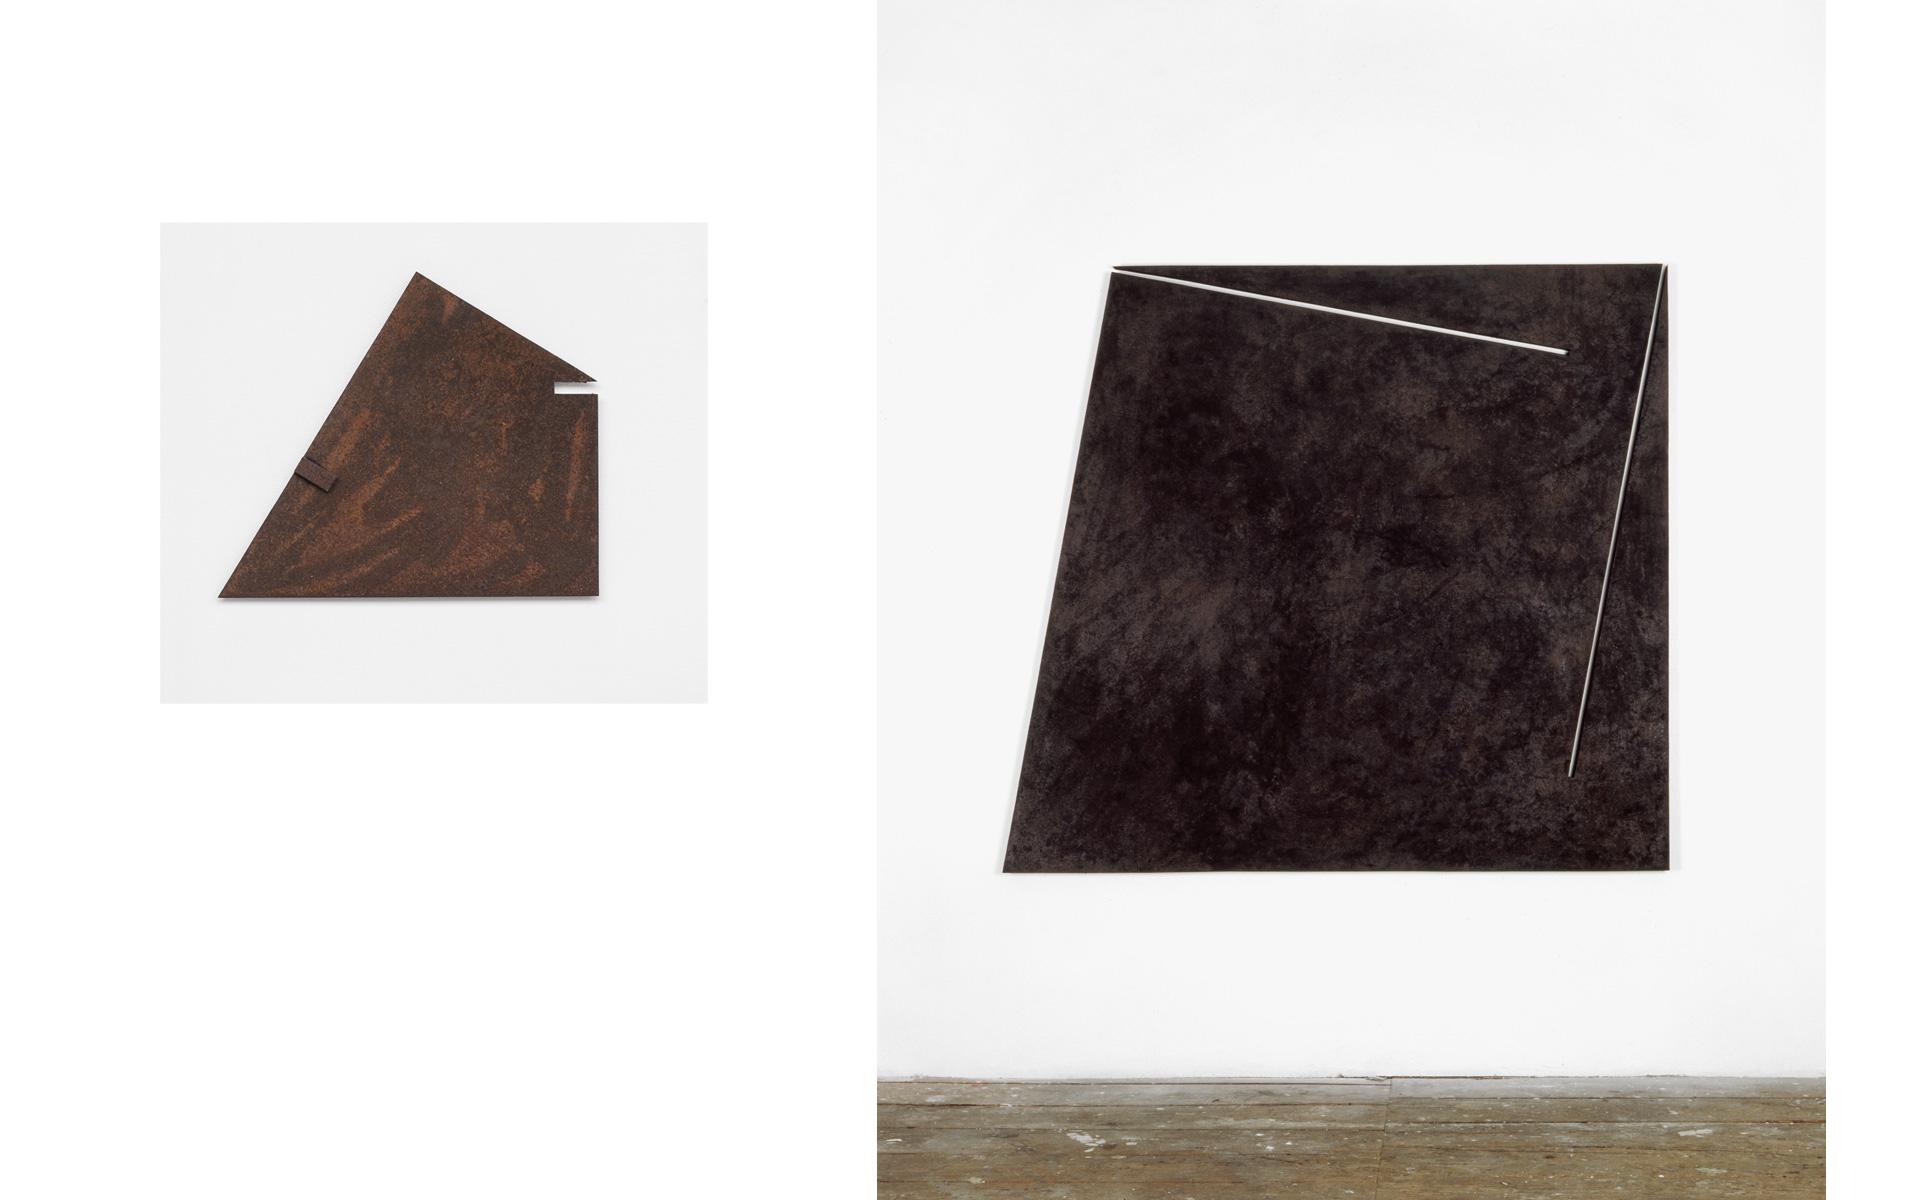 left: O. T., 1989 Steel rusted 55 × 47 × 2.3 cm / right: Relief mit zwei Schnitten, 1989 steel rusted, oiled 153 × 167 × 3 cm - Photos: Hubert P. Klotzeck